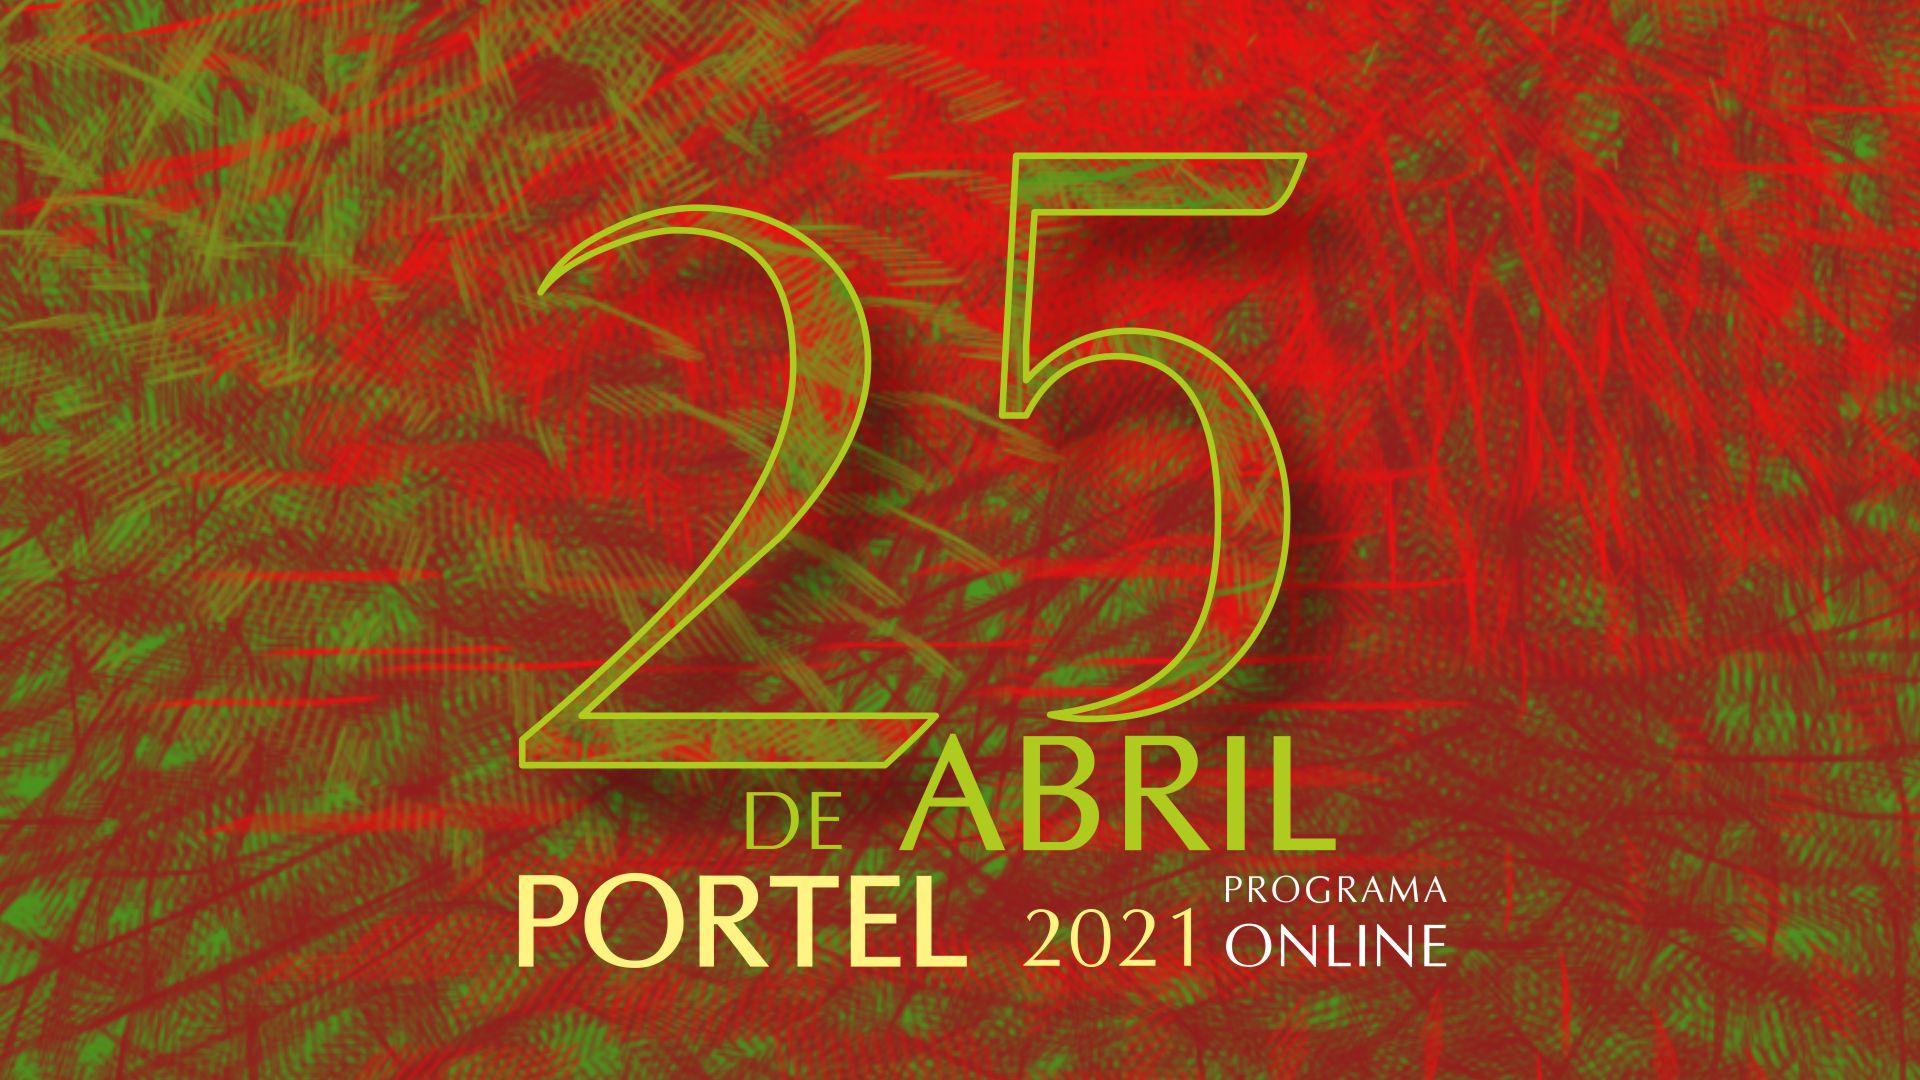 Comemorações 25 Abril 2021 – Programa online